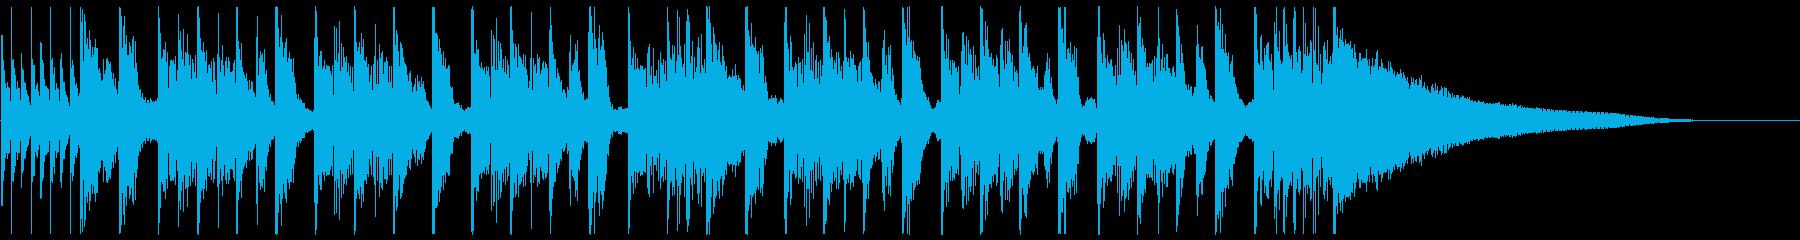 モータウン系のキュートな楽曲でゲスト登場の再生済みの波形